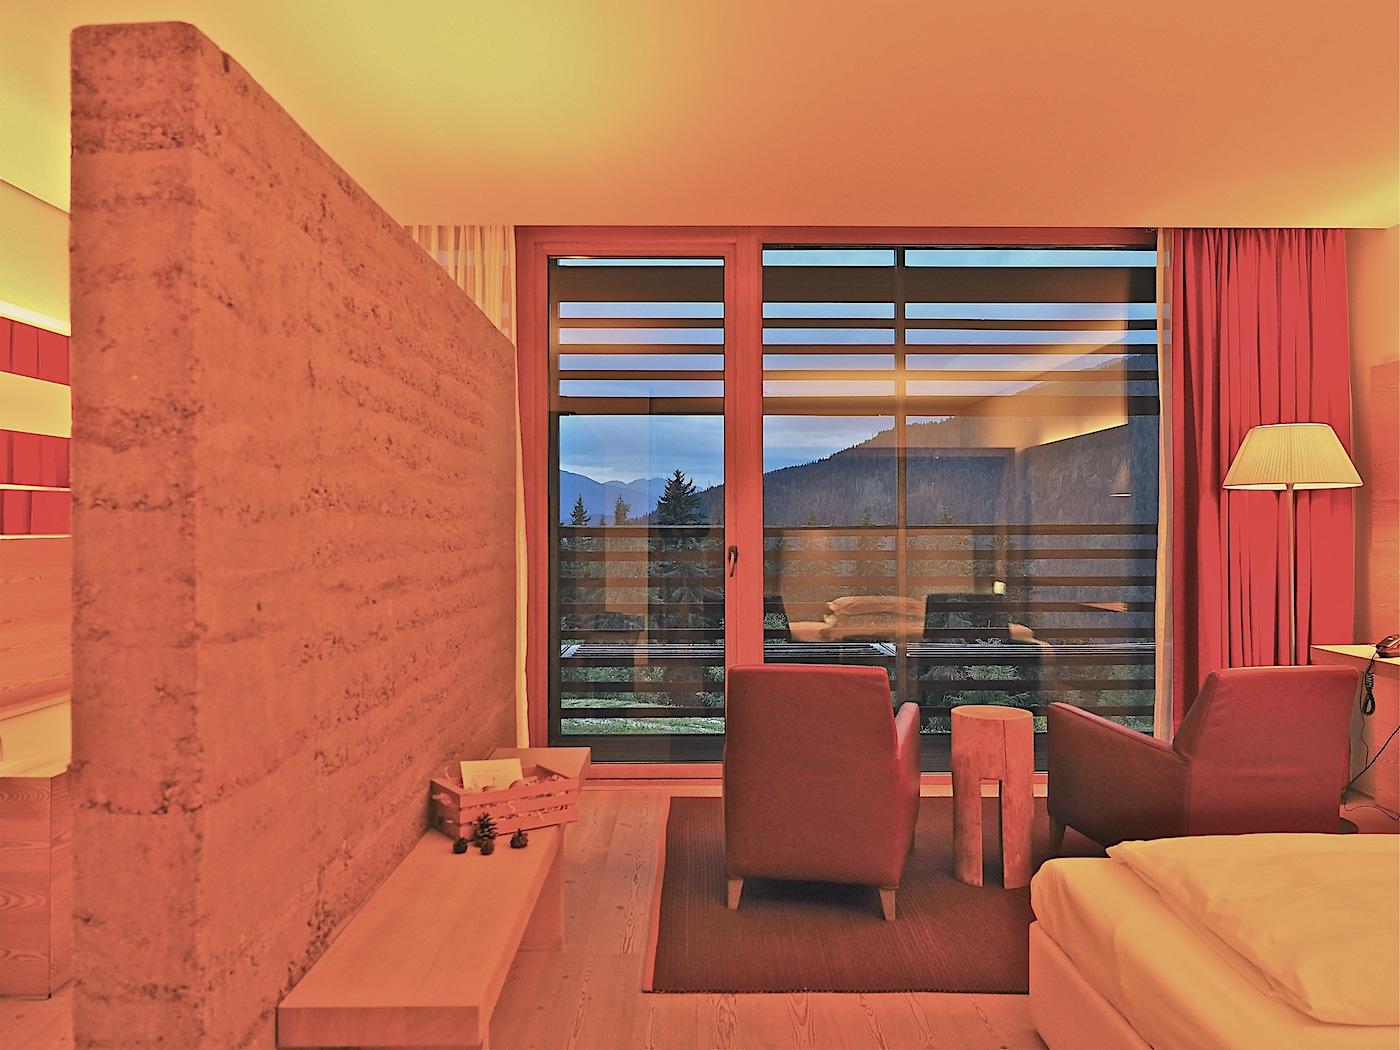 Sinnlichkeit. Auf den 36 Quadratmetern der Standardzimmer spricht vor allem das Holz der Lärche die Sinne an: gröber gemustert mit Astlöchern die geschliffenen Böden, fein gemasert die Verkleidungen und mit Sandstrahl geriffelt die Türen. Die Lehmwand, die das Bad abteilt, hilft das Raumklima natürlich zu regulieren und gibt bei Bedarf Strahlungswärme ab.